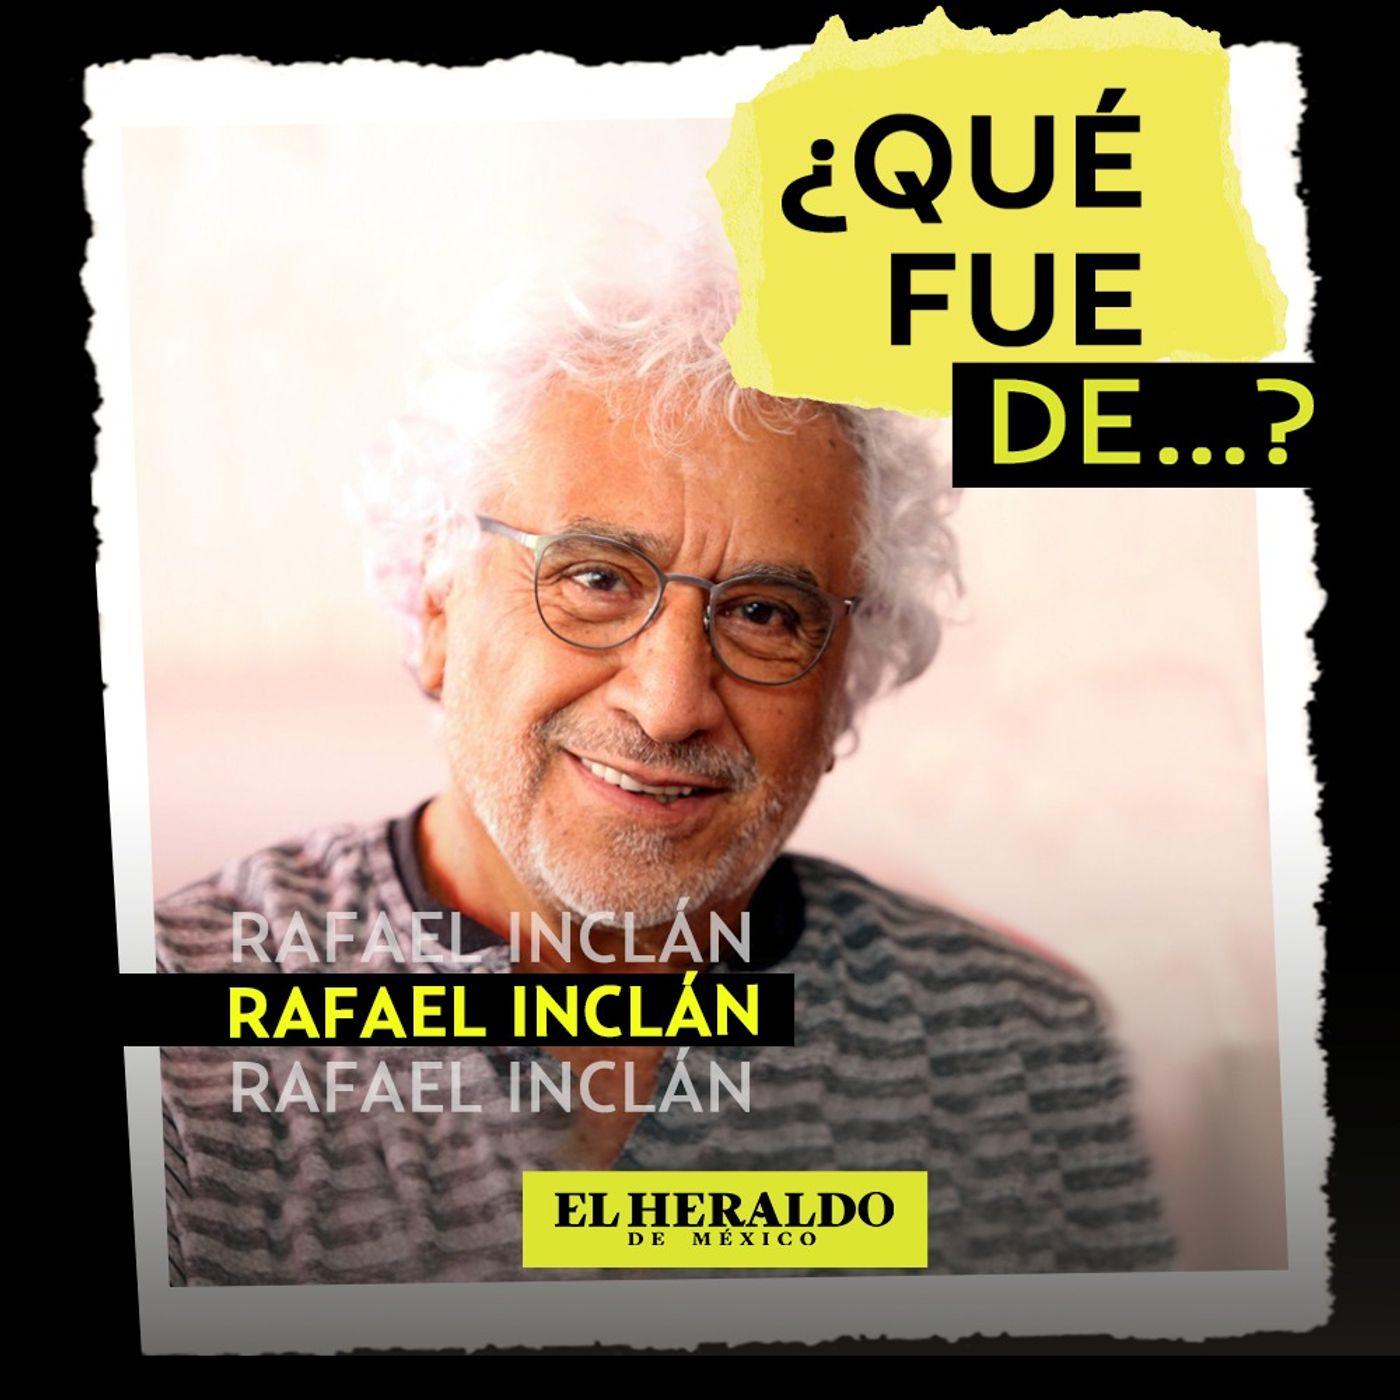 ¿Qué fue de...? Rafael Inclán